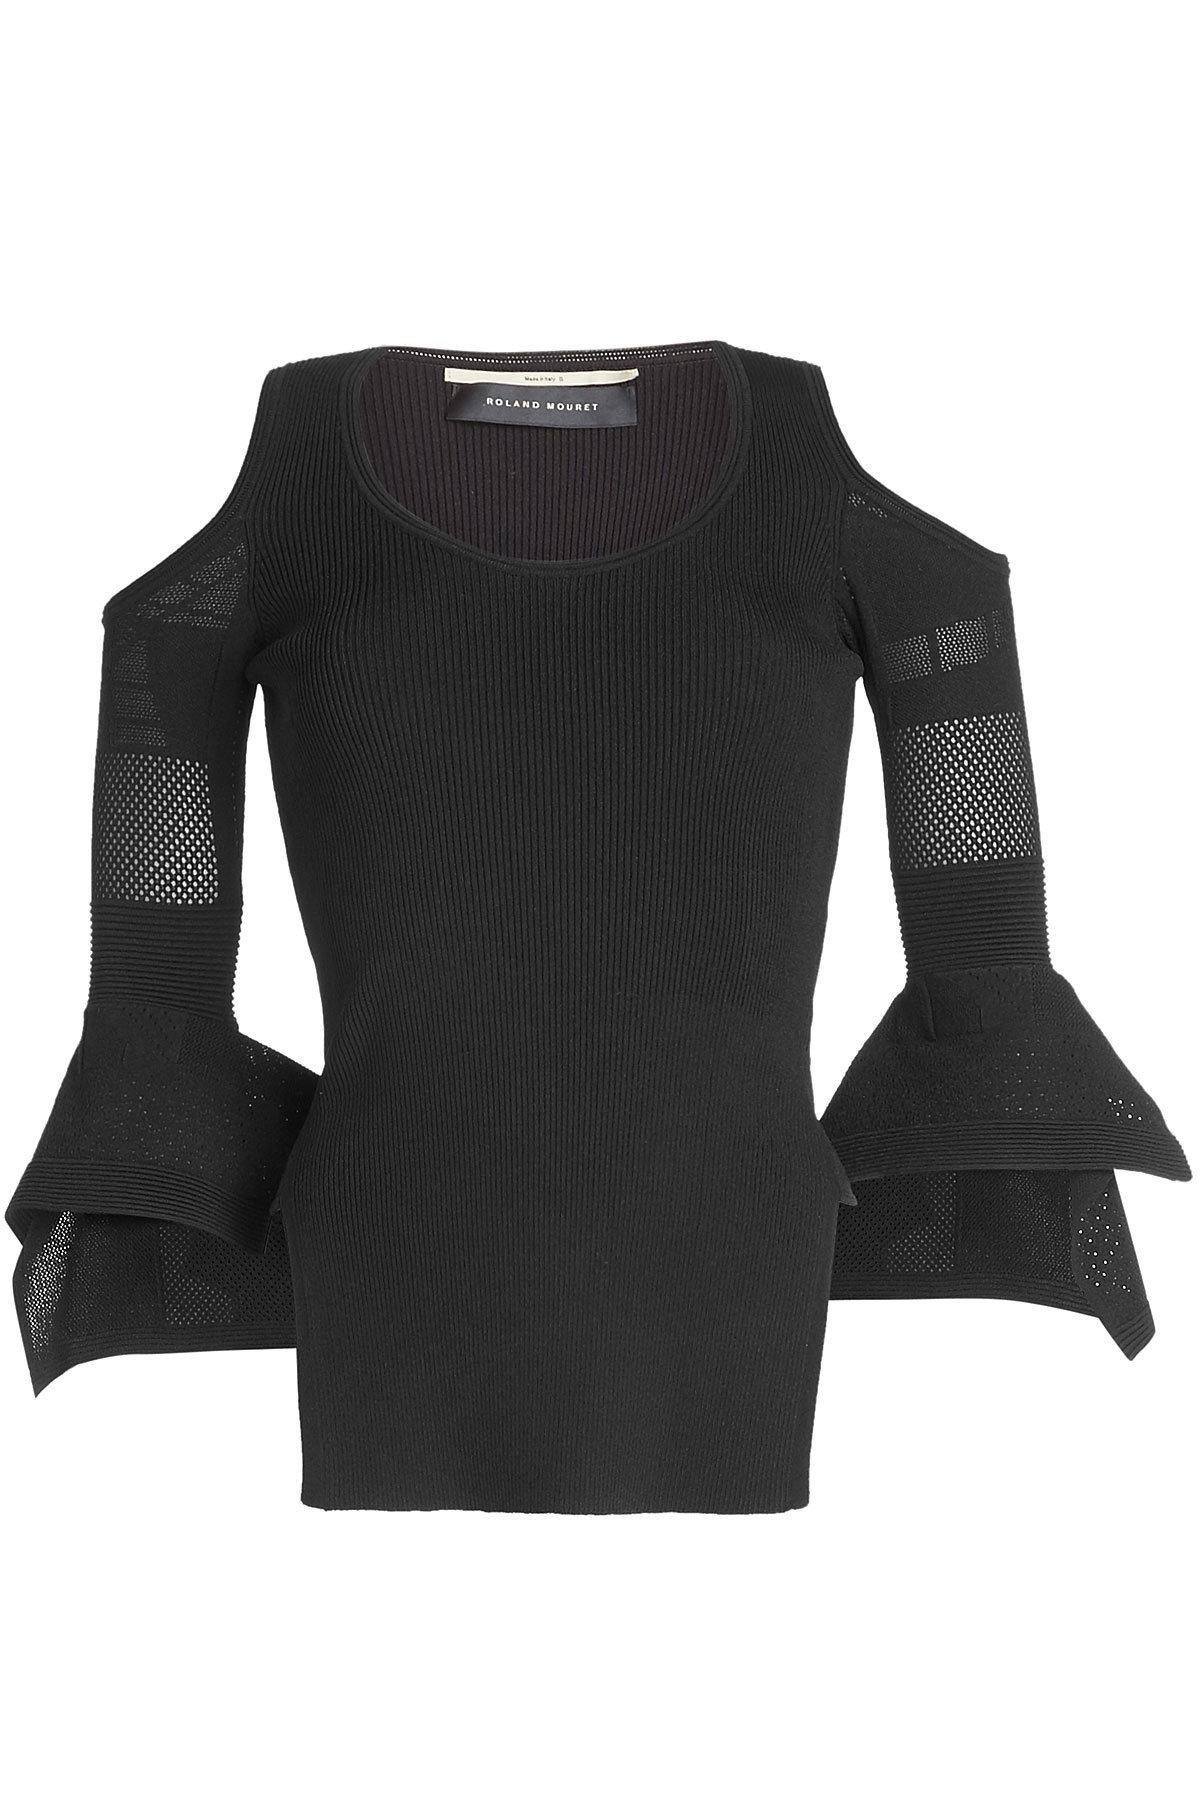 Roland Mouret Cold Shoulder Top With Mesh In Black